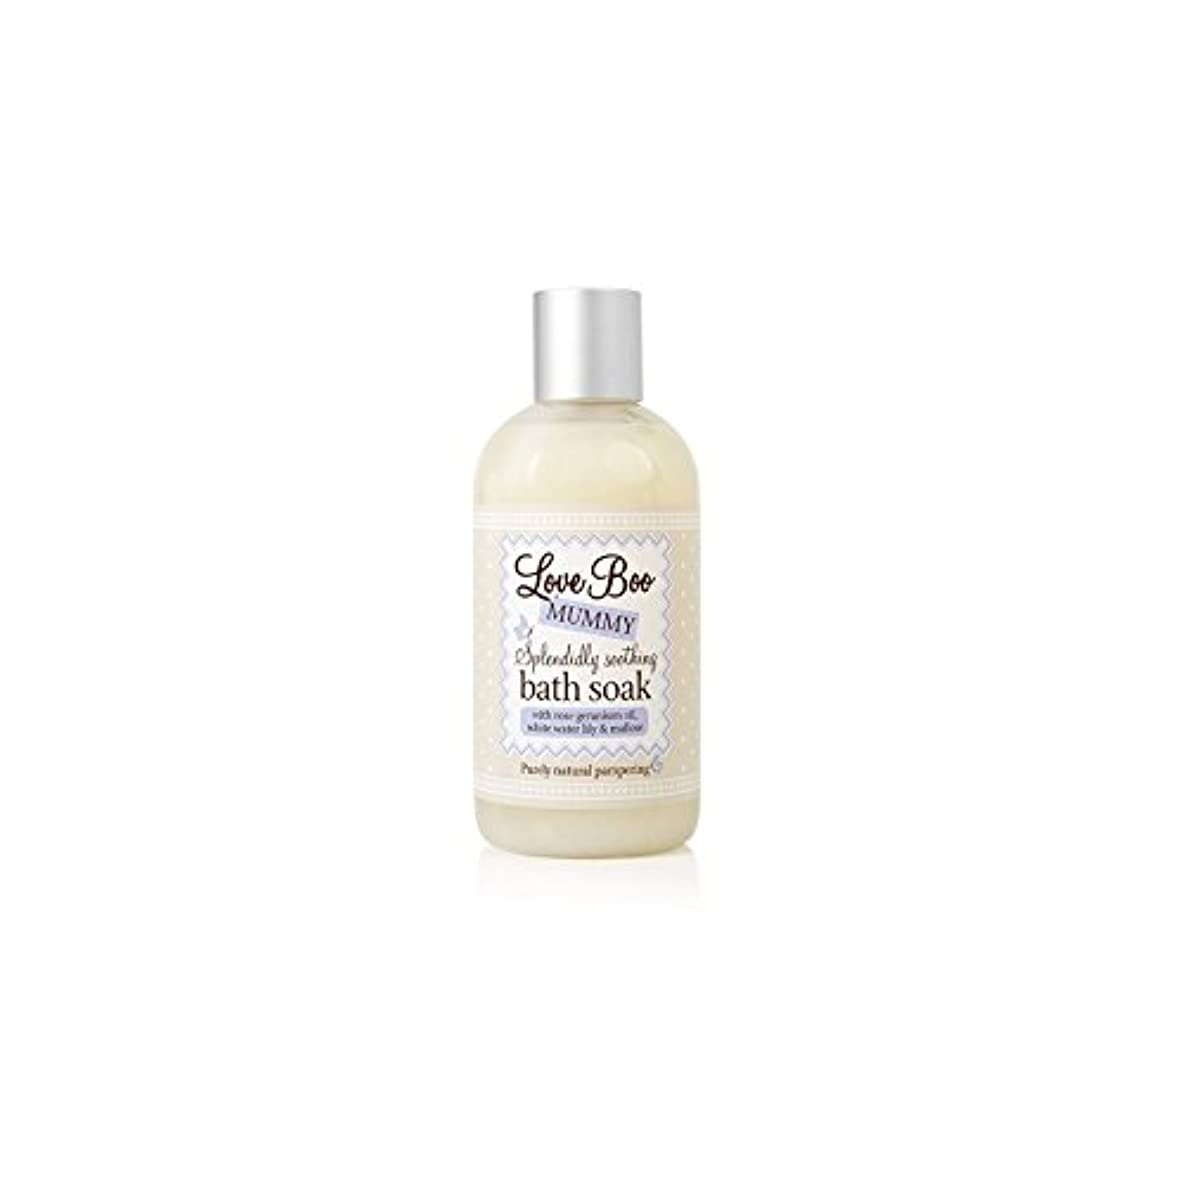 大統領損失政府Love Boo Splendidly Soothing Bath Soak (250ml) (Pack of 6) - ブーイング見事なだめるようなお風呂が大好き(250ミリリットル)を浸します x6 [並行輸入品]